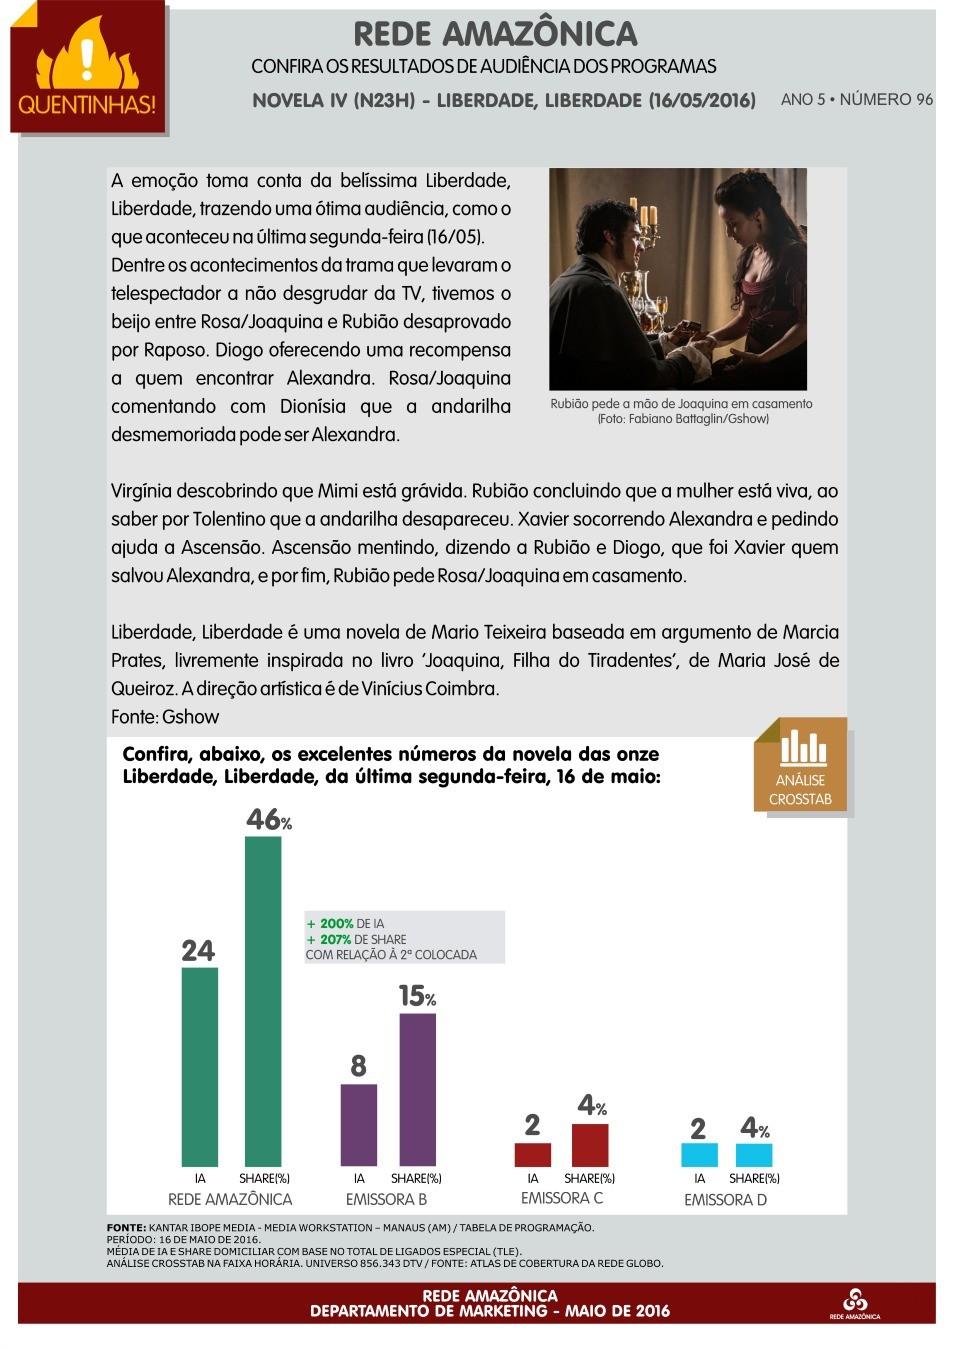 Veja como foi a audiência da novela das onze no capítulo do dia 16 de maio (Foto: Marketing/Rede Amazônica)